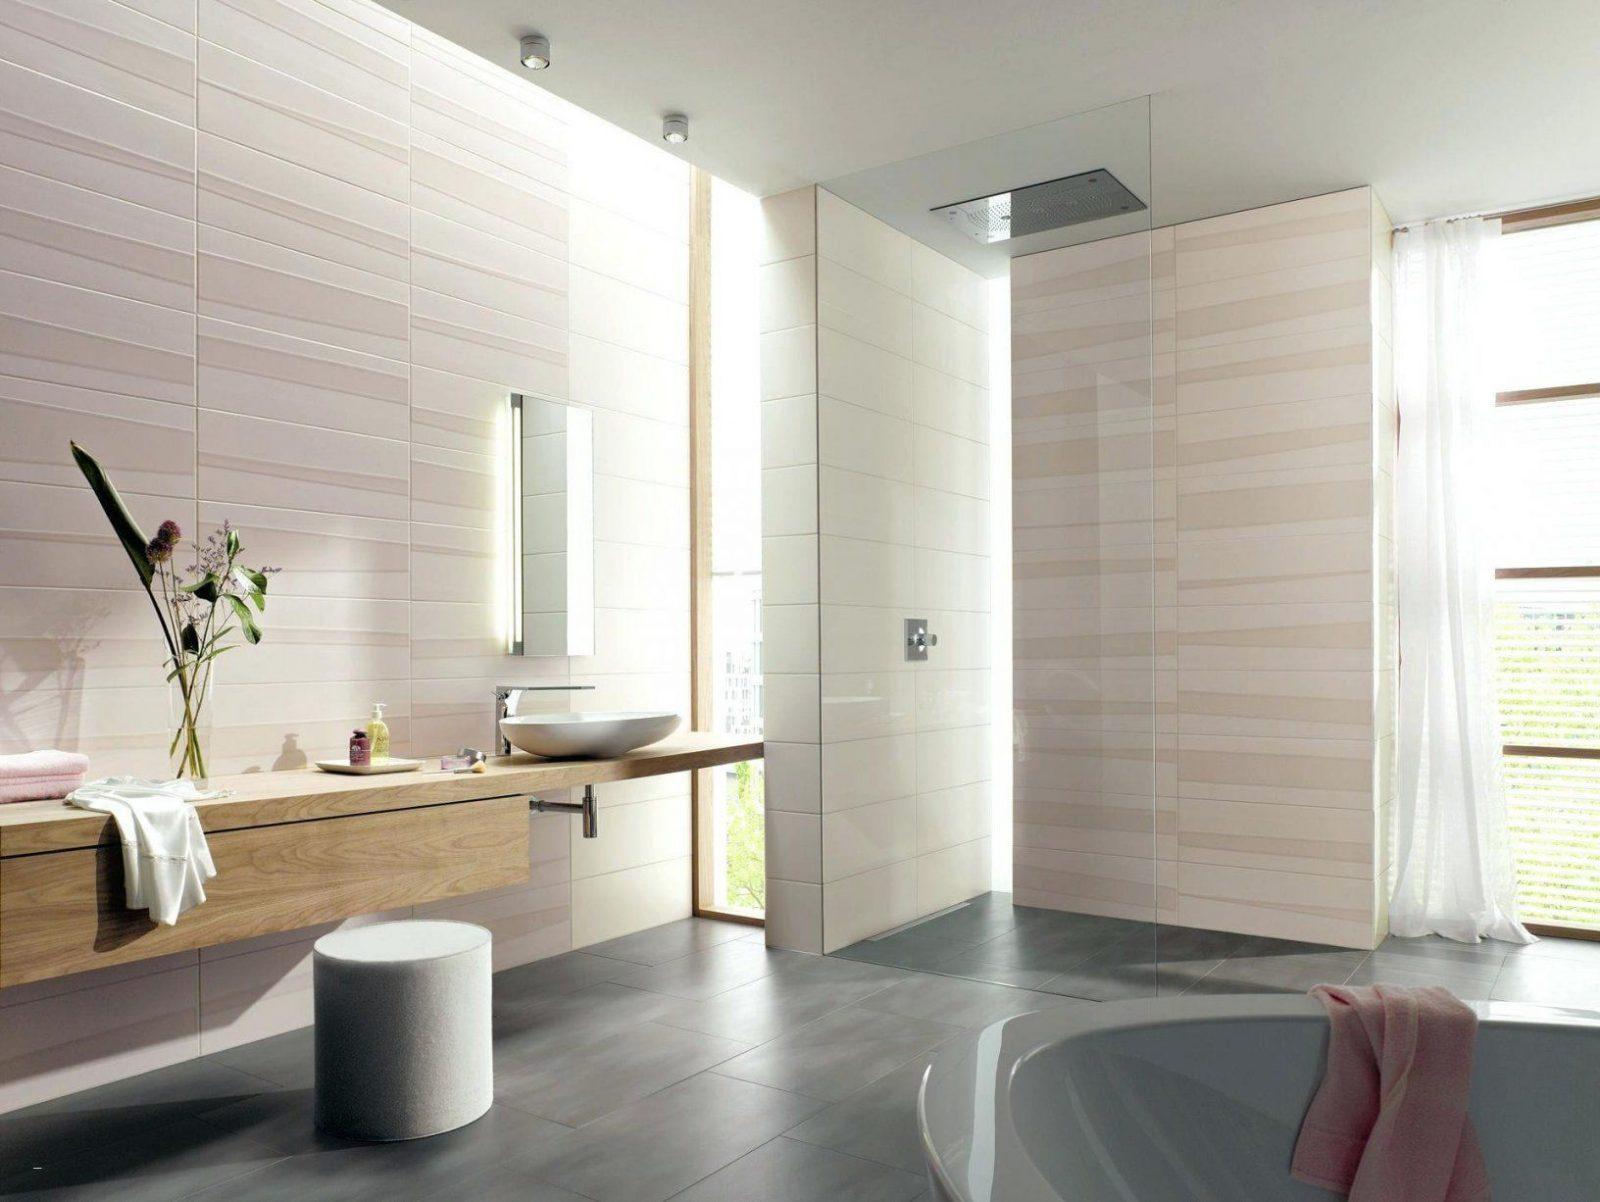 Gallery Of Dusche Dachschrge Kleines Bad Luxus Von Dusche Dachschrge  Kleines Bad Photo With Kleines Badezimmer Dachschrge